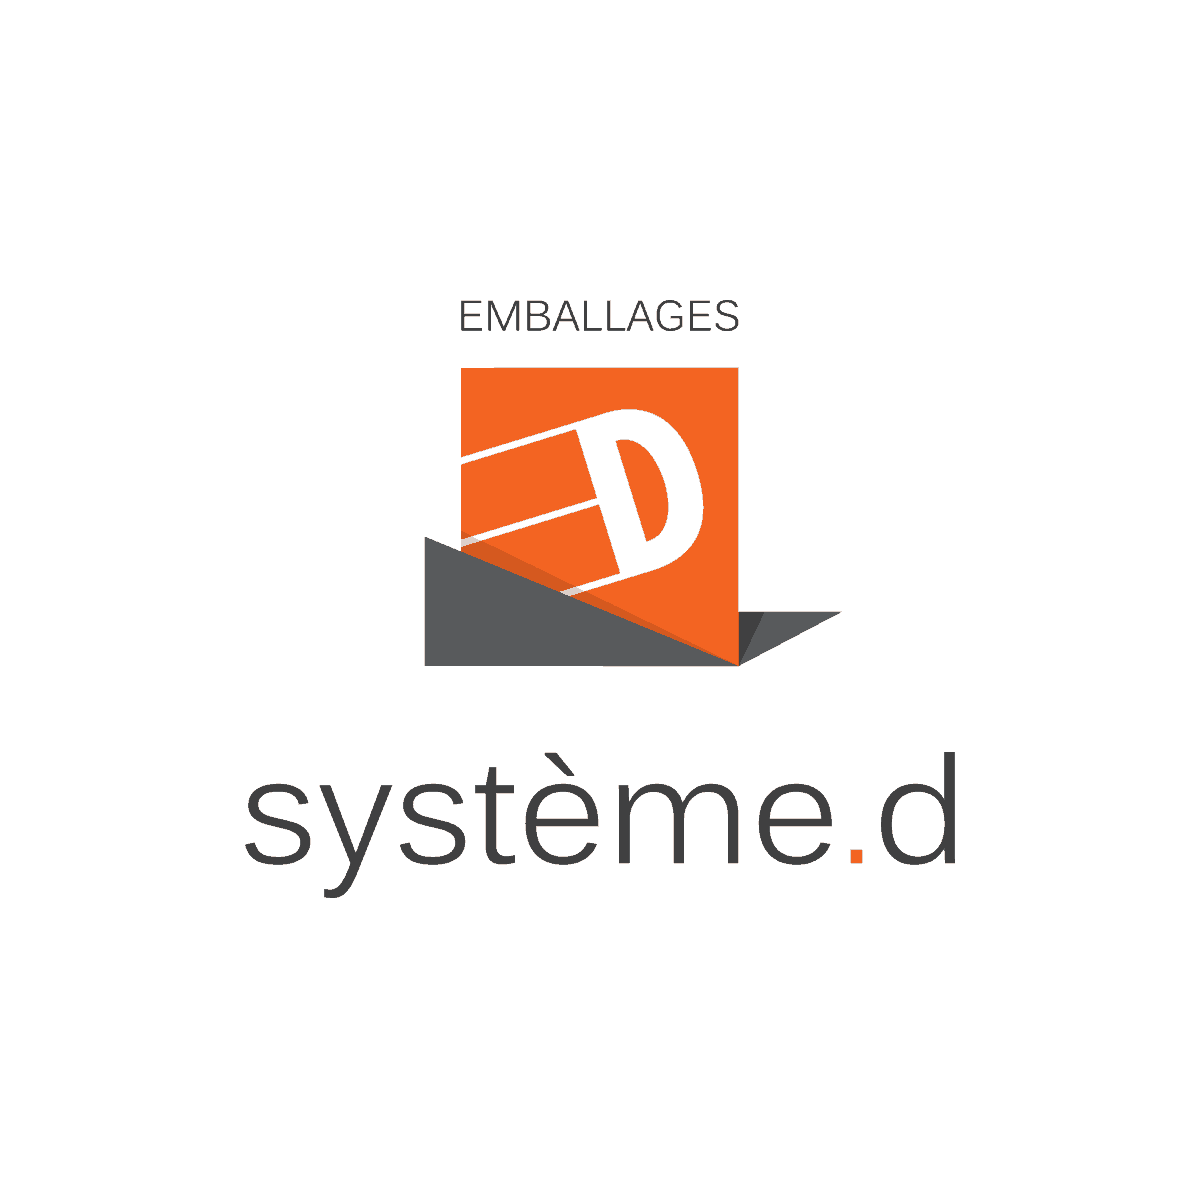 Logo de système.d - Par Cyan Concept